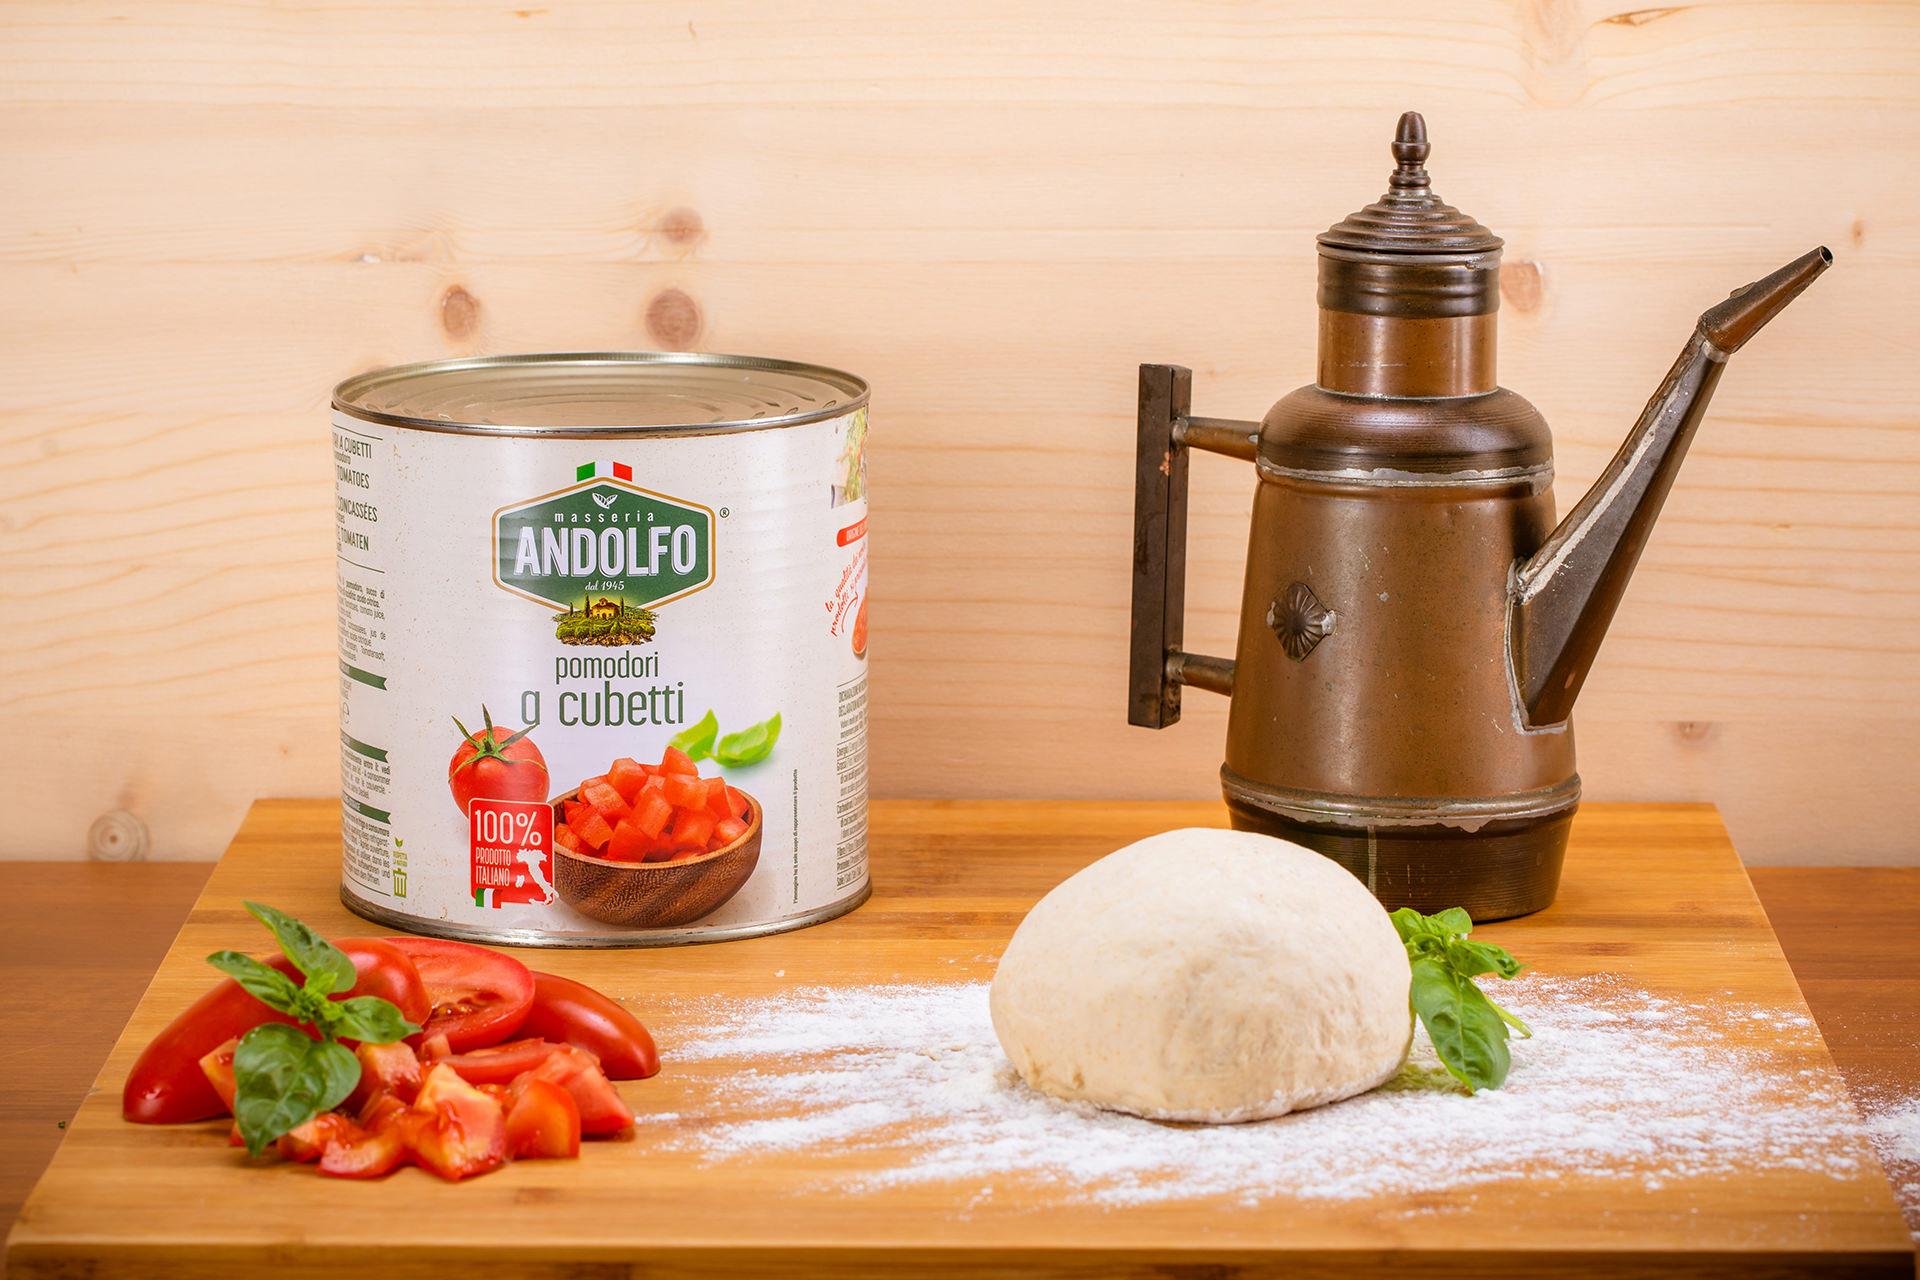 Masseria Andolfo - Food Service Pomodori a cubetti